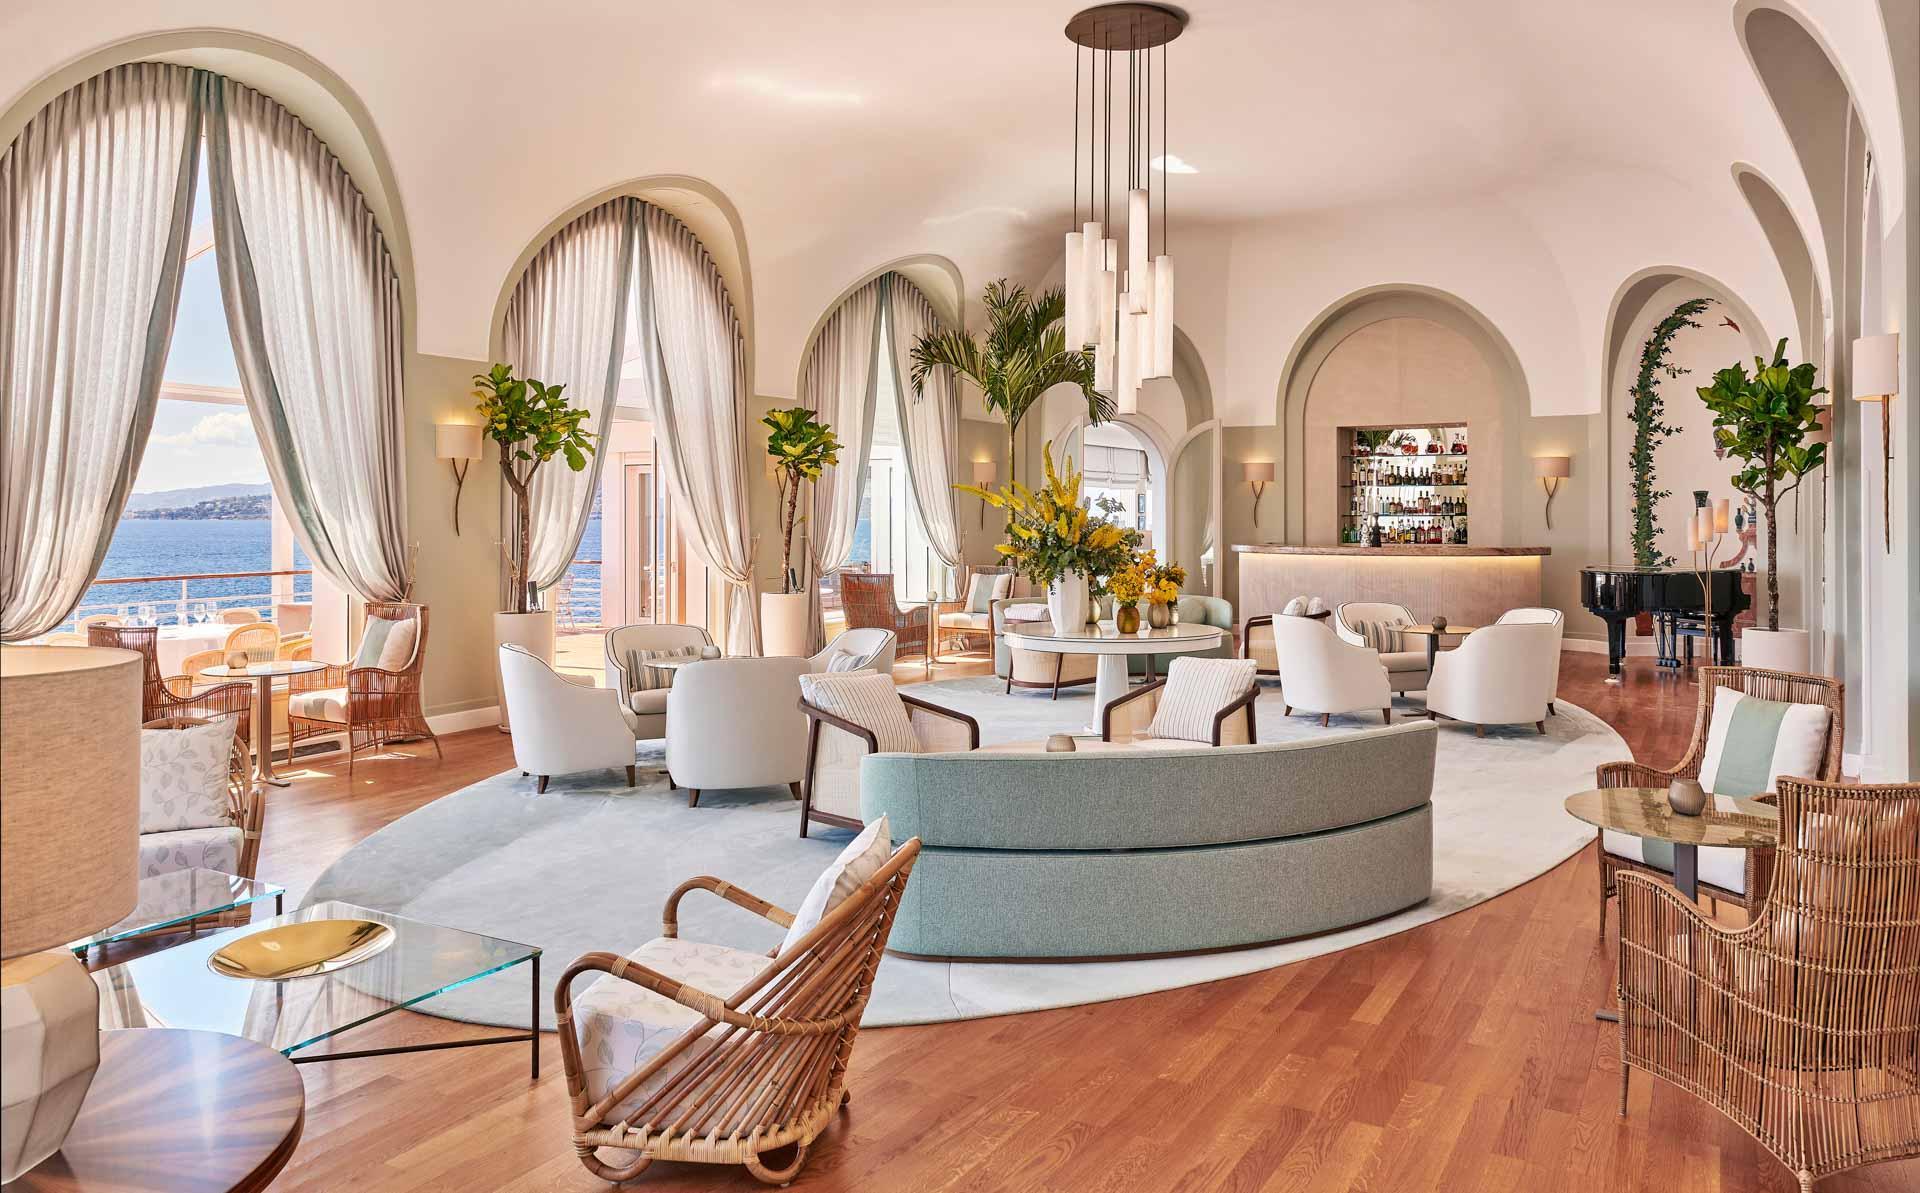 La Rotonde piano-bar à l'Hôtel du Cap-Eden-Roc © J.M. Sordello